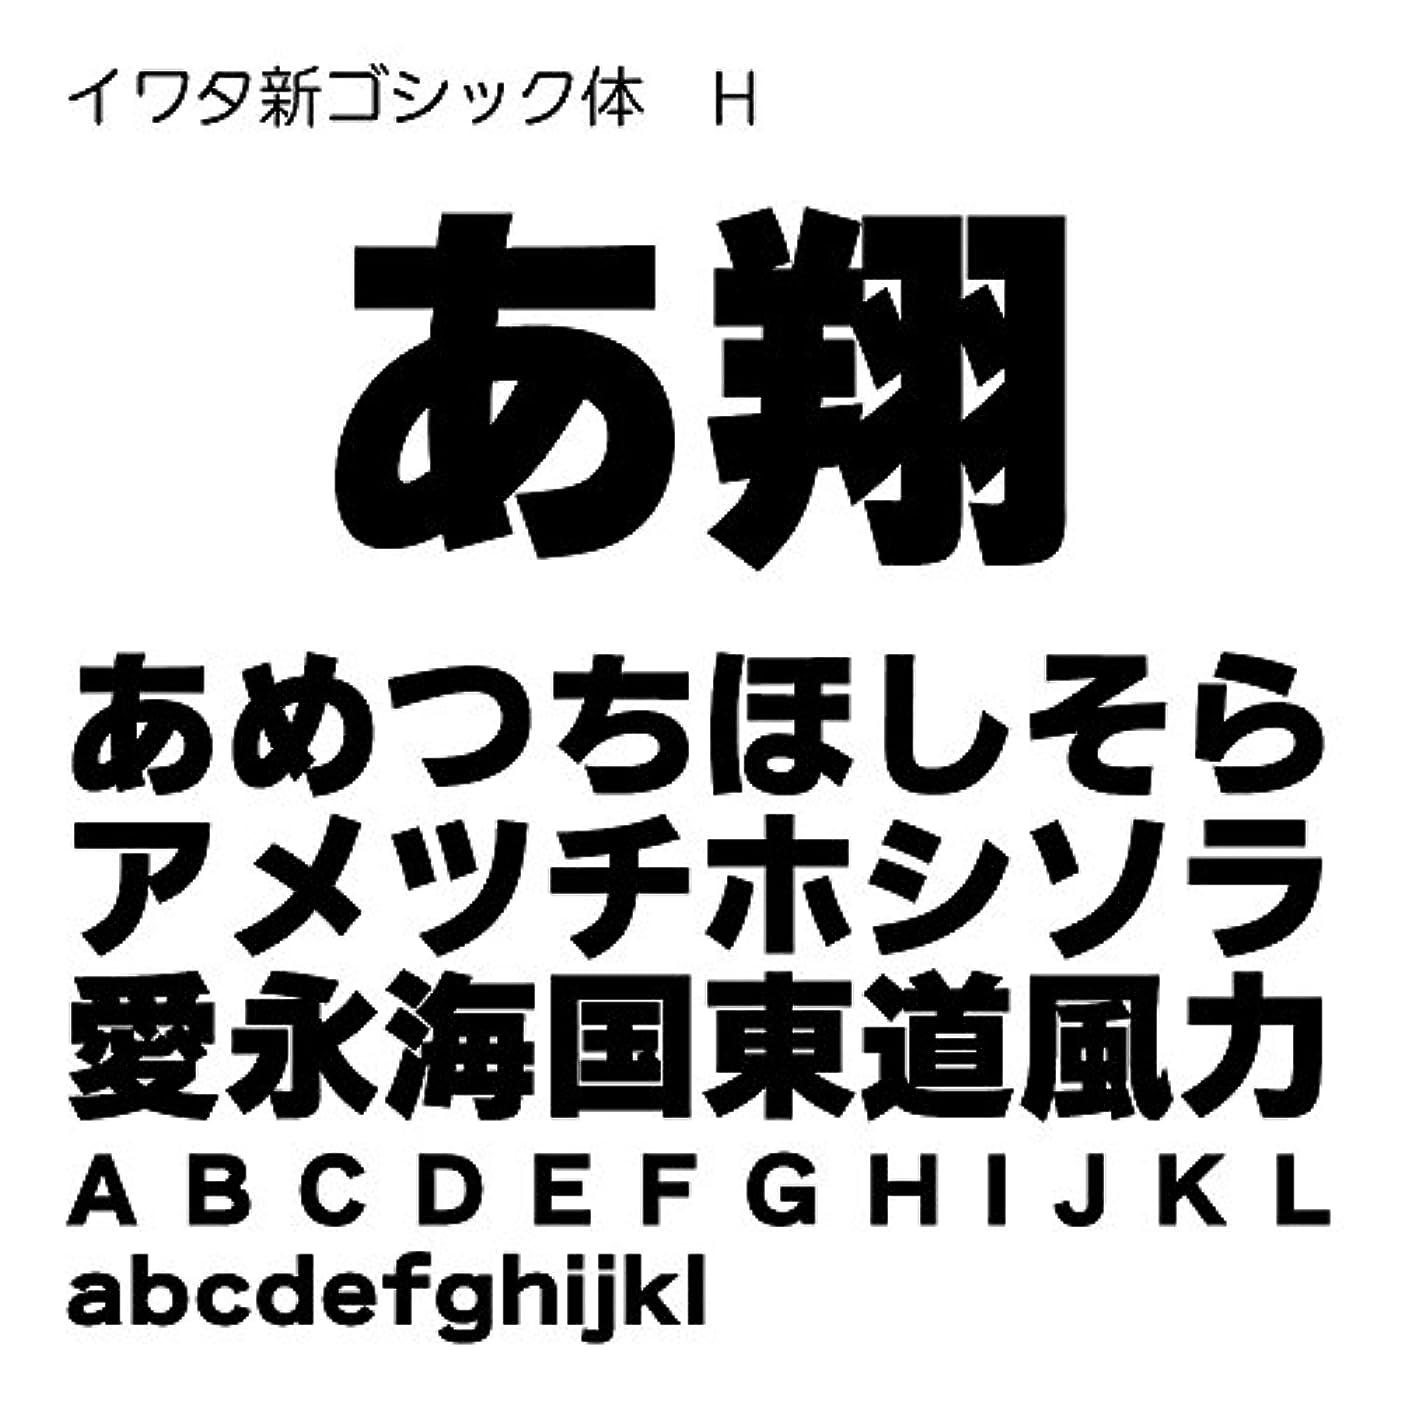 意気込み情緒的竜巻イワタ新ゴシック体H Std OpenType Font for Windows [ダウンロード]